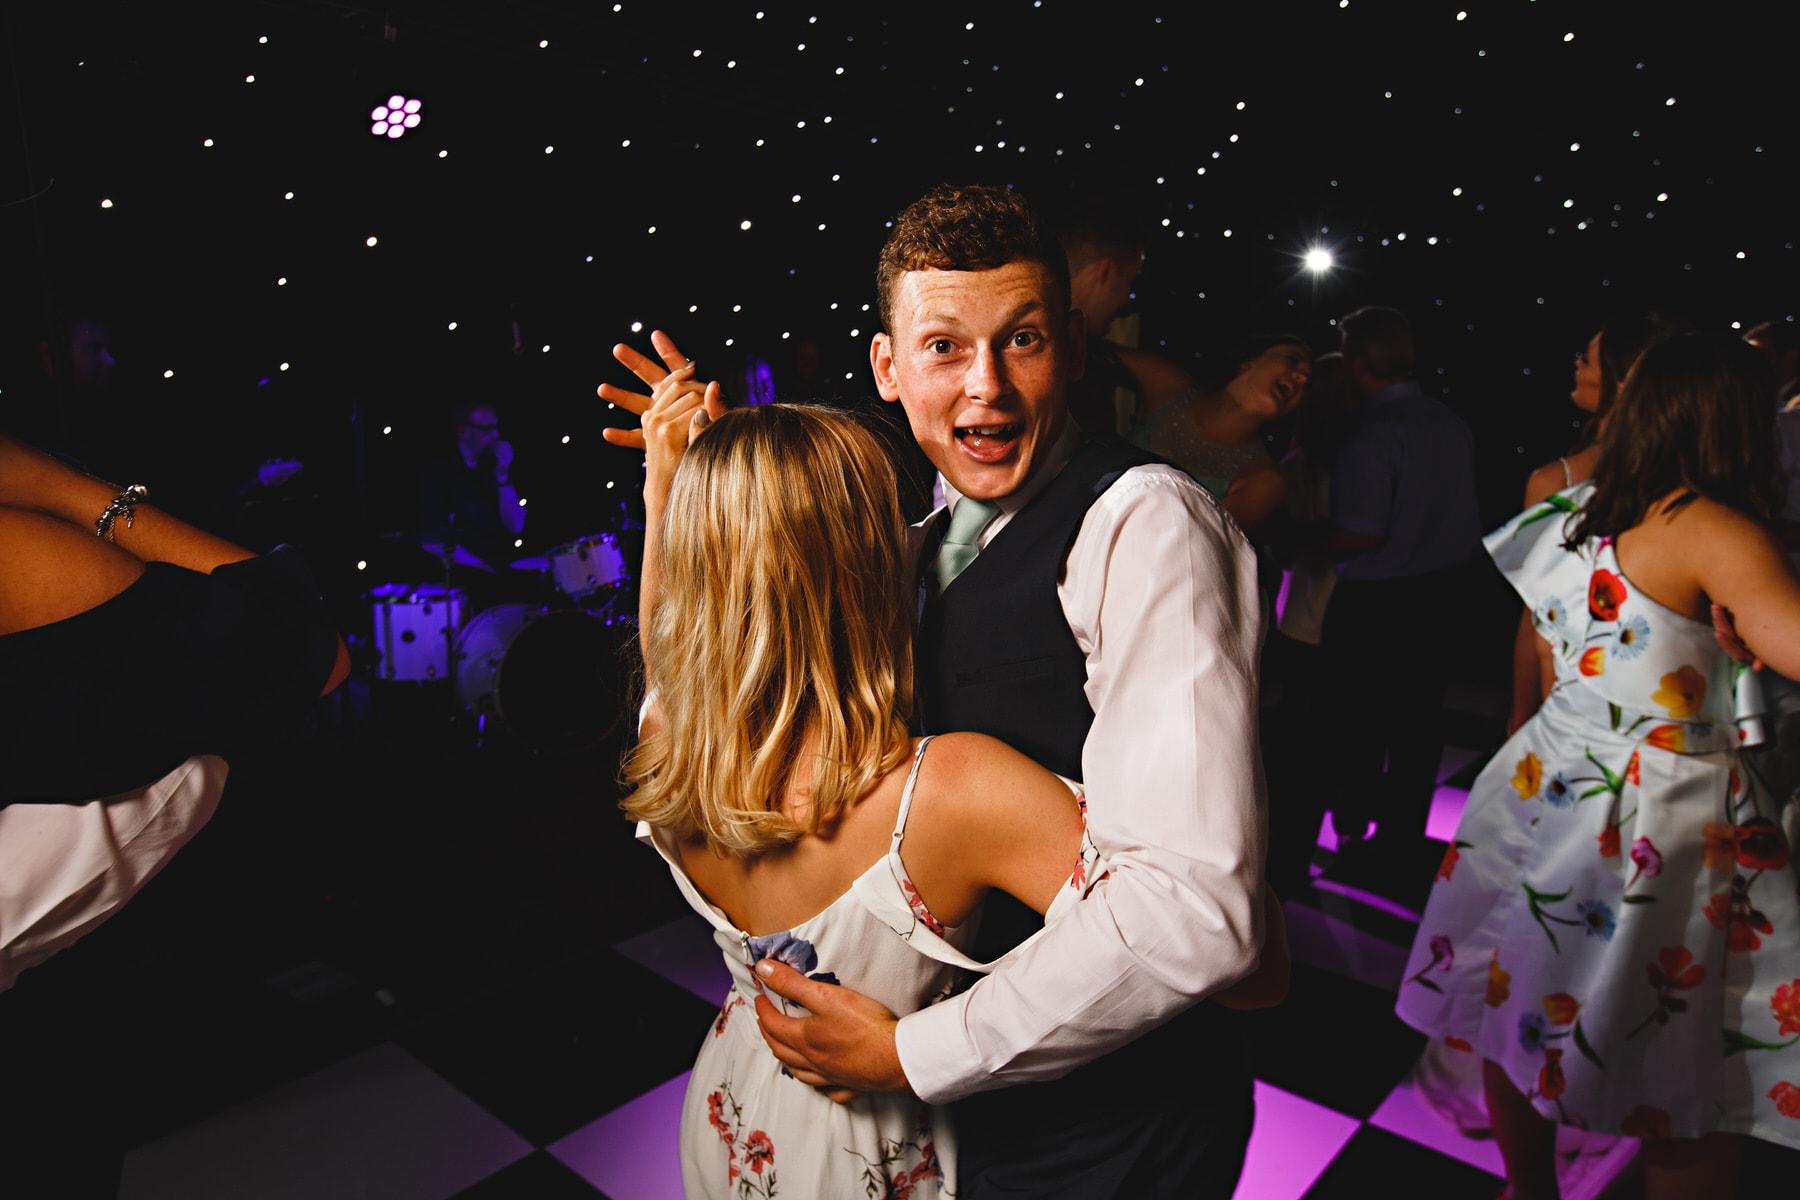 dance floor party